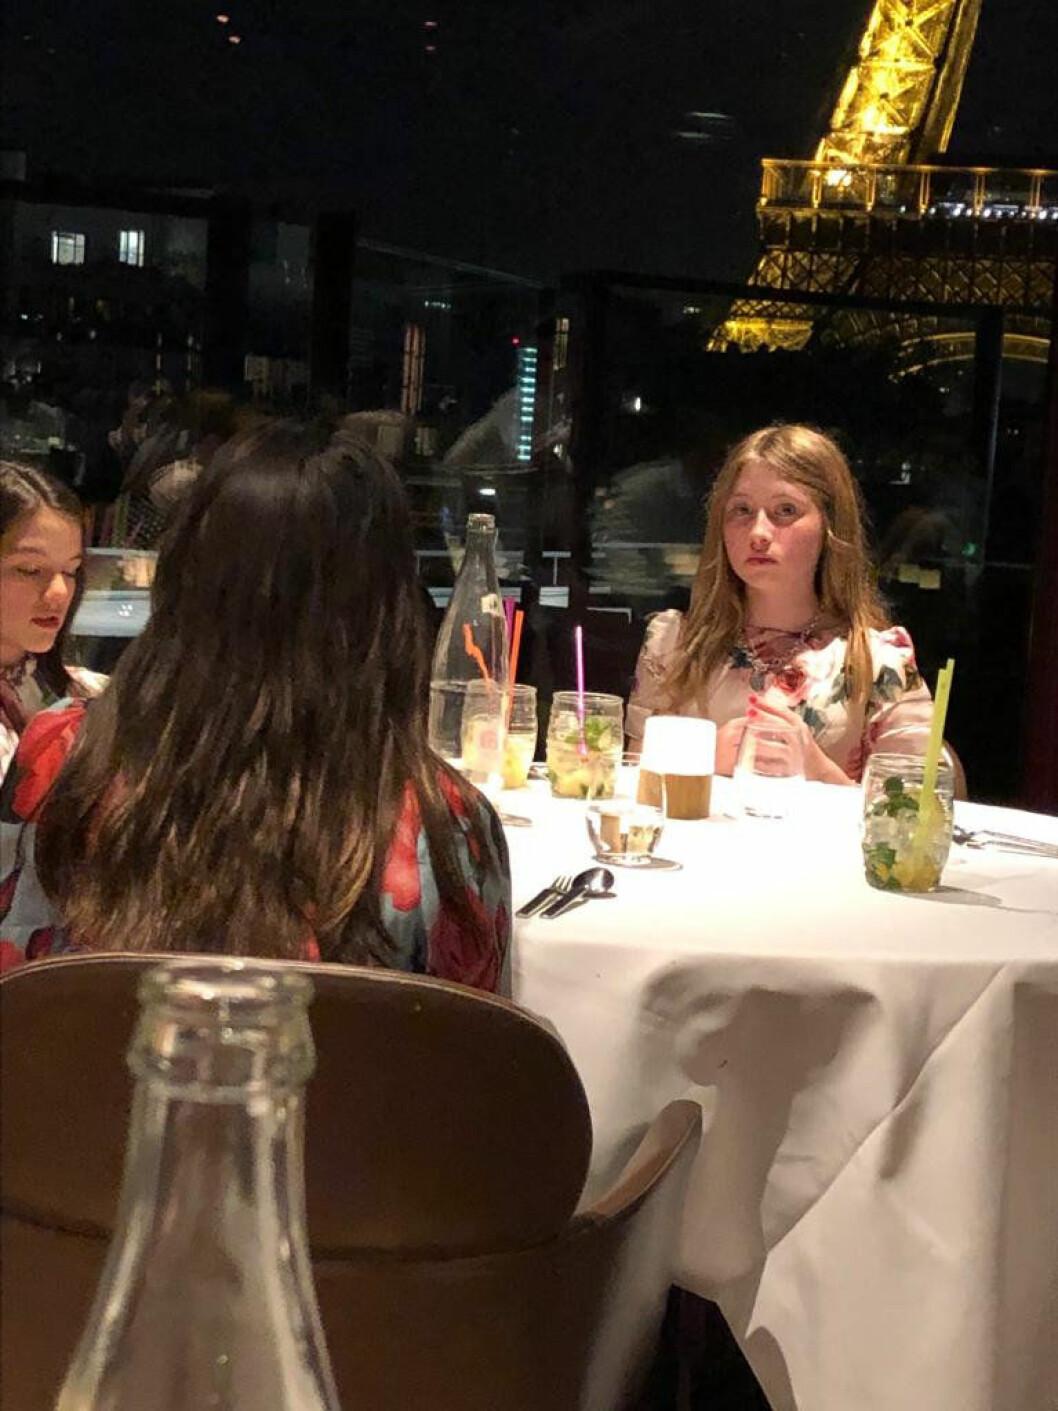 Tre tjejer sitt rrunt ett middagsbord och väntar på maten